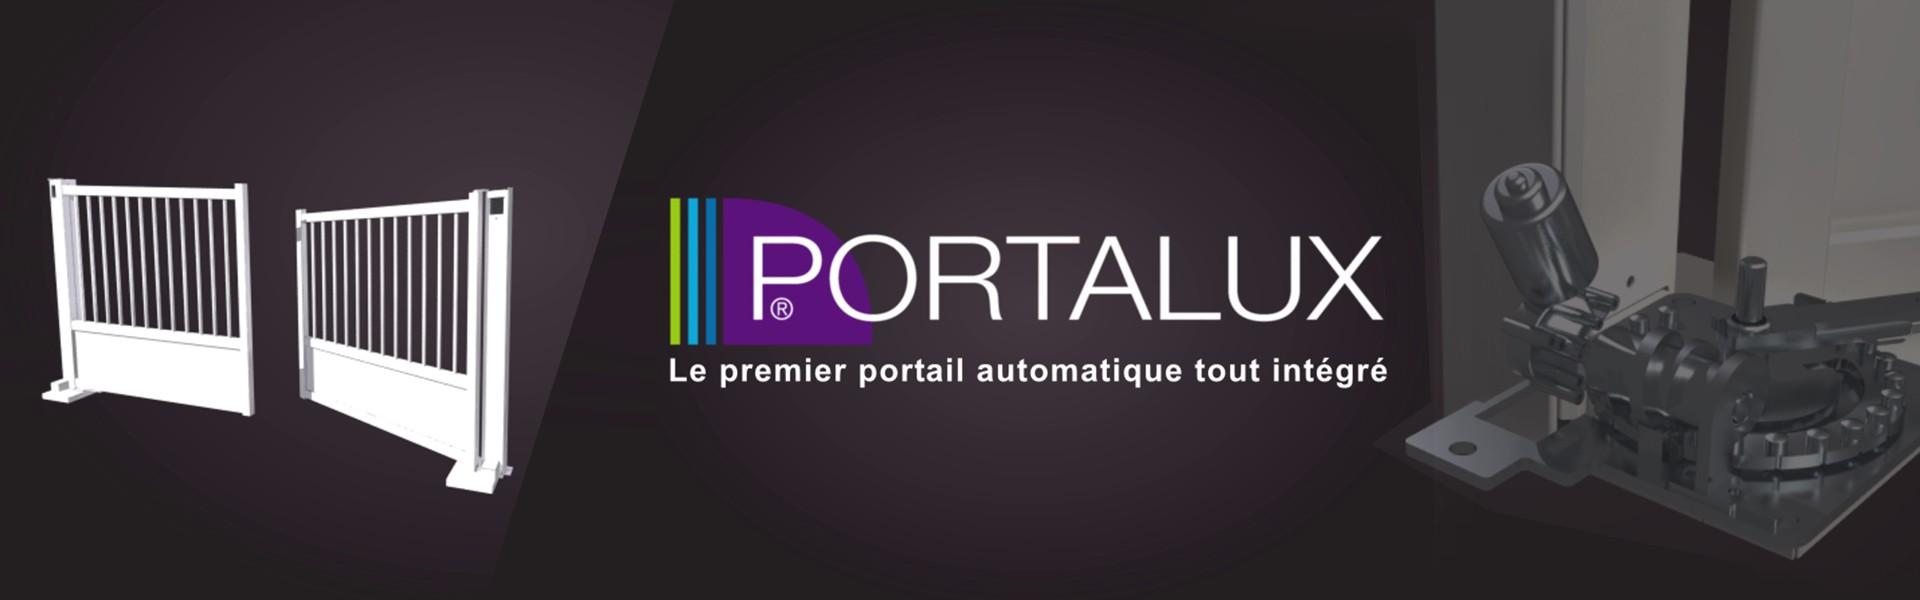 Portalux